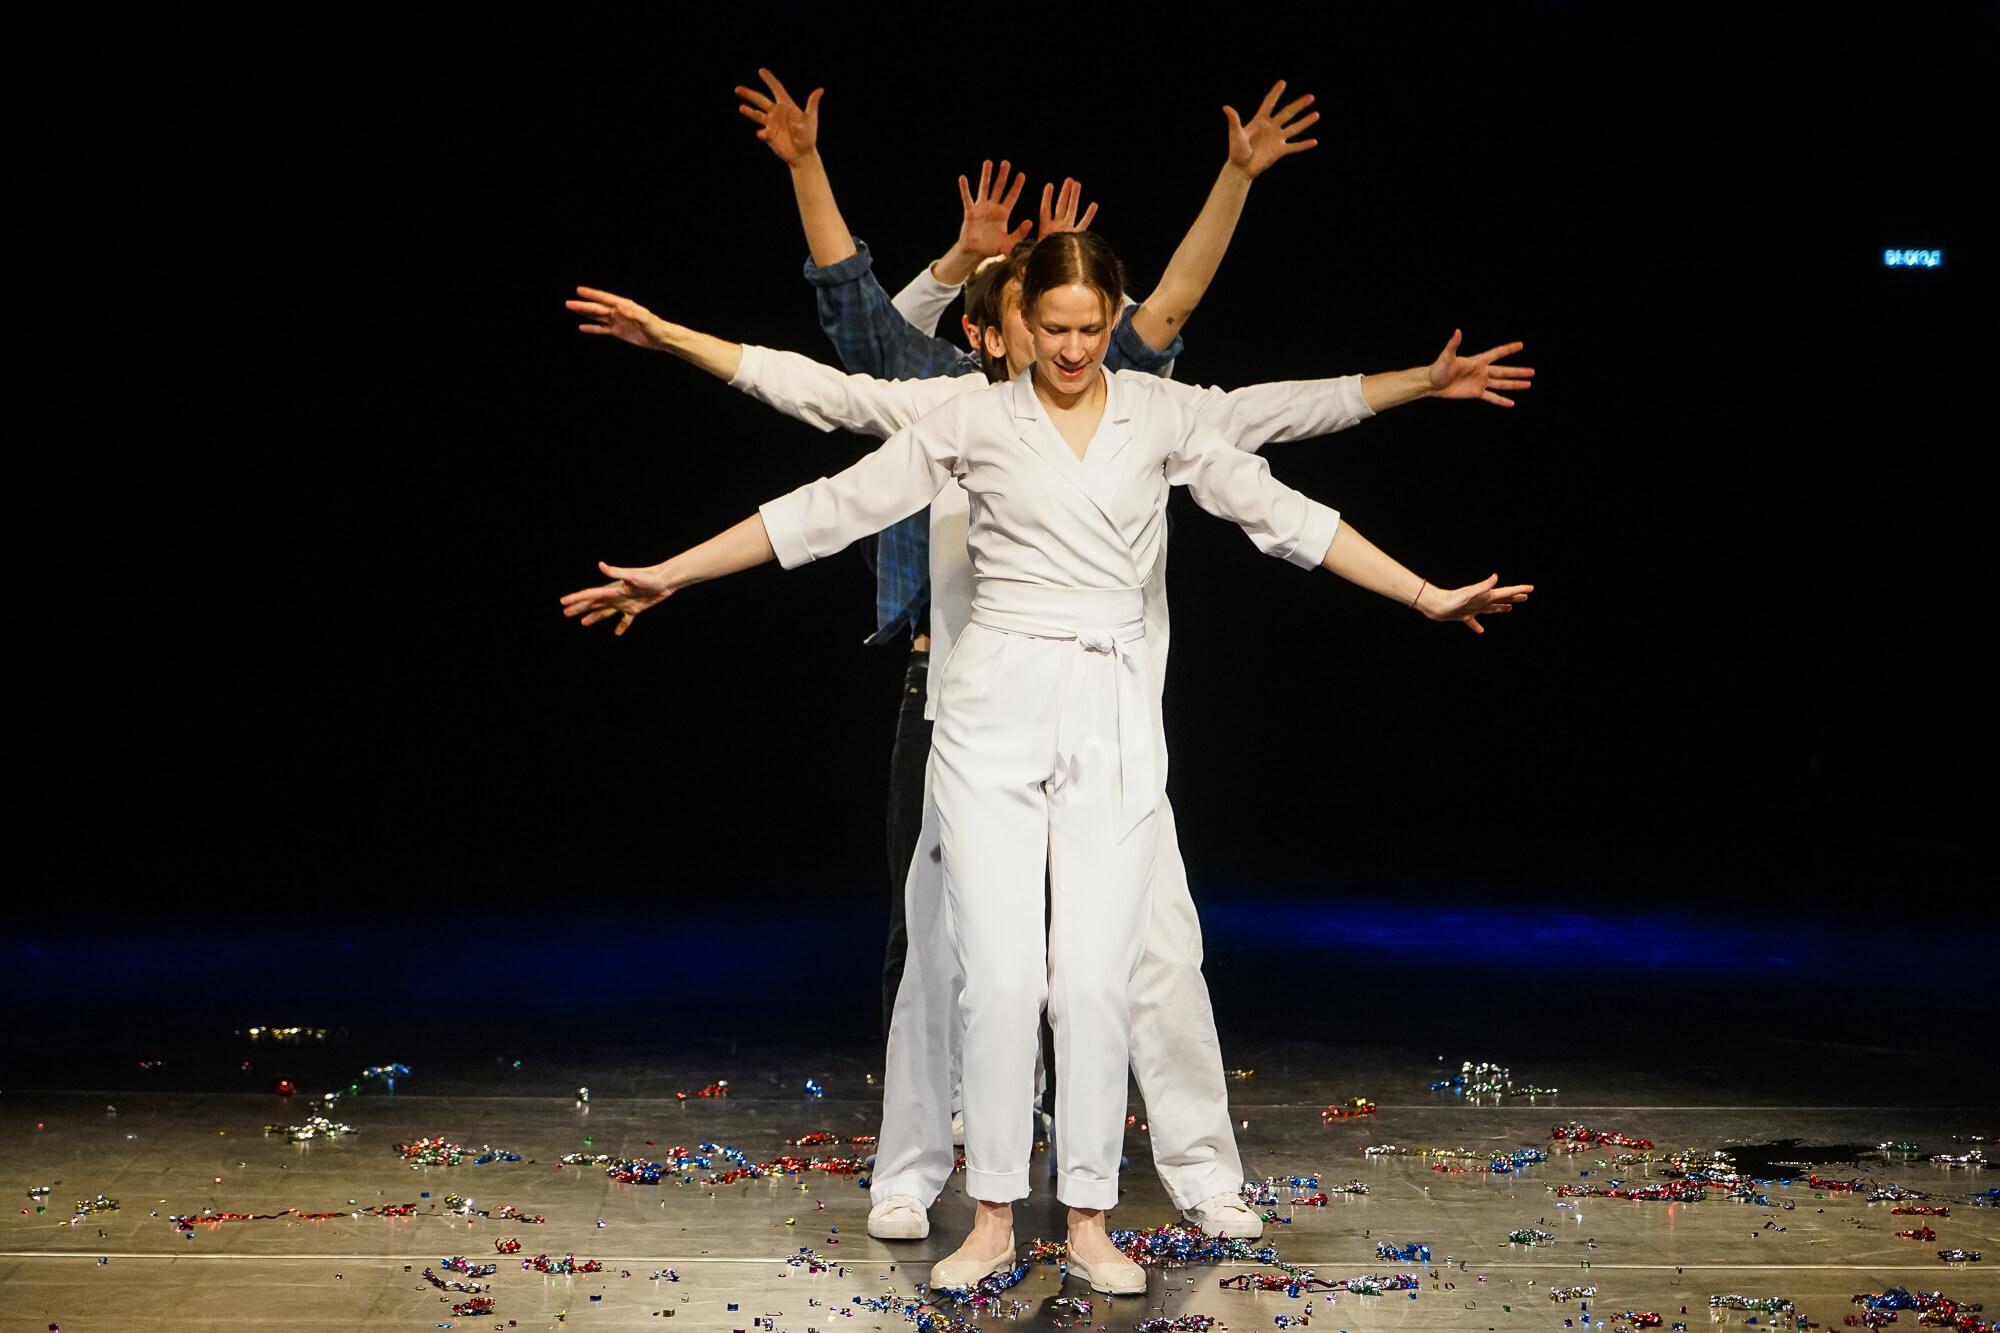 Премьера «Мне мое солнышко больше не светит» в «Одном театре». Фоторепортаж